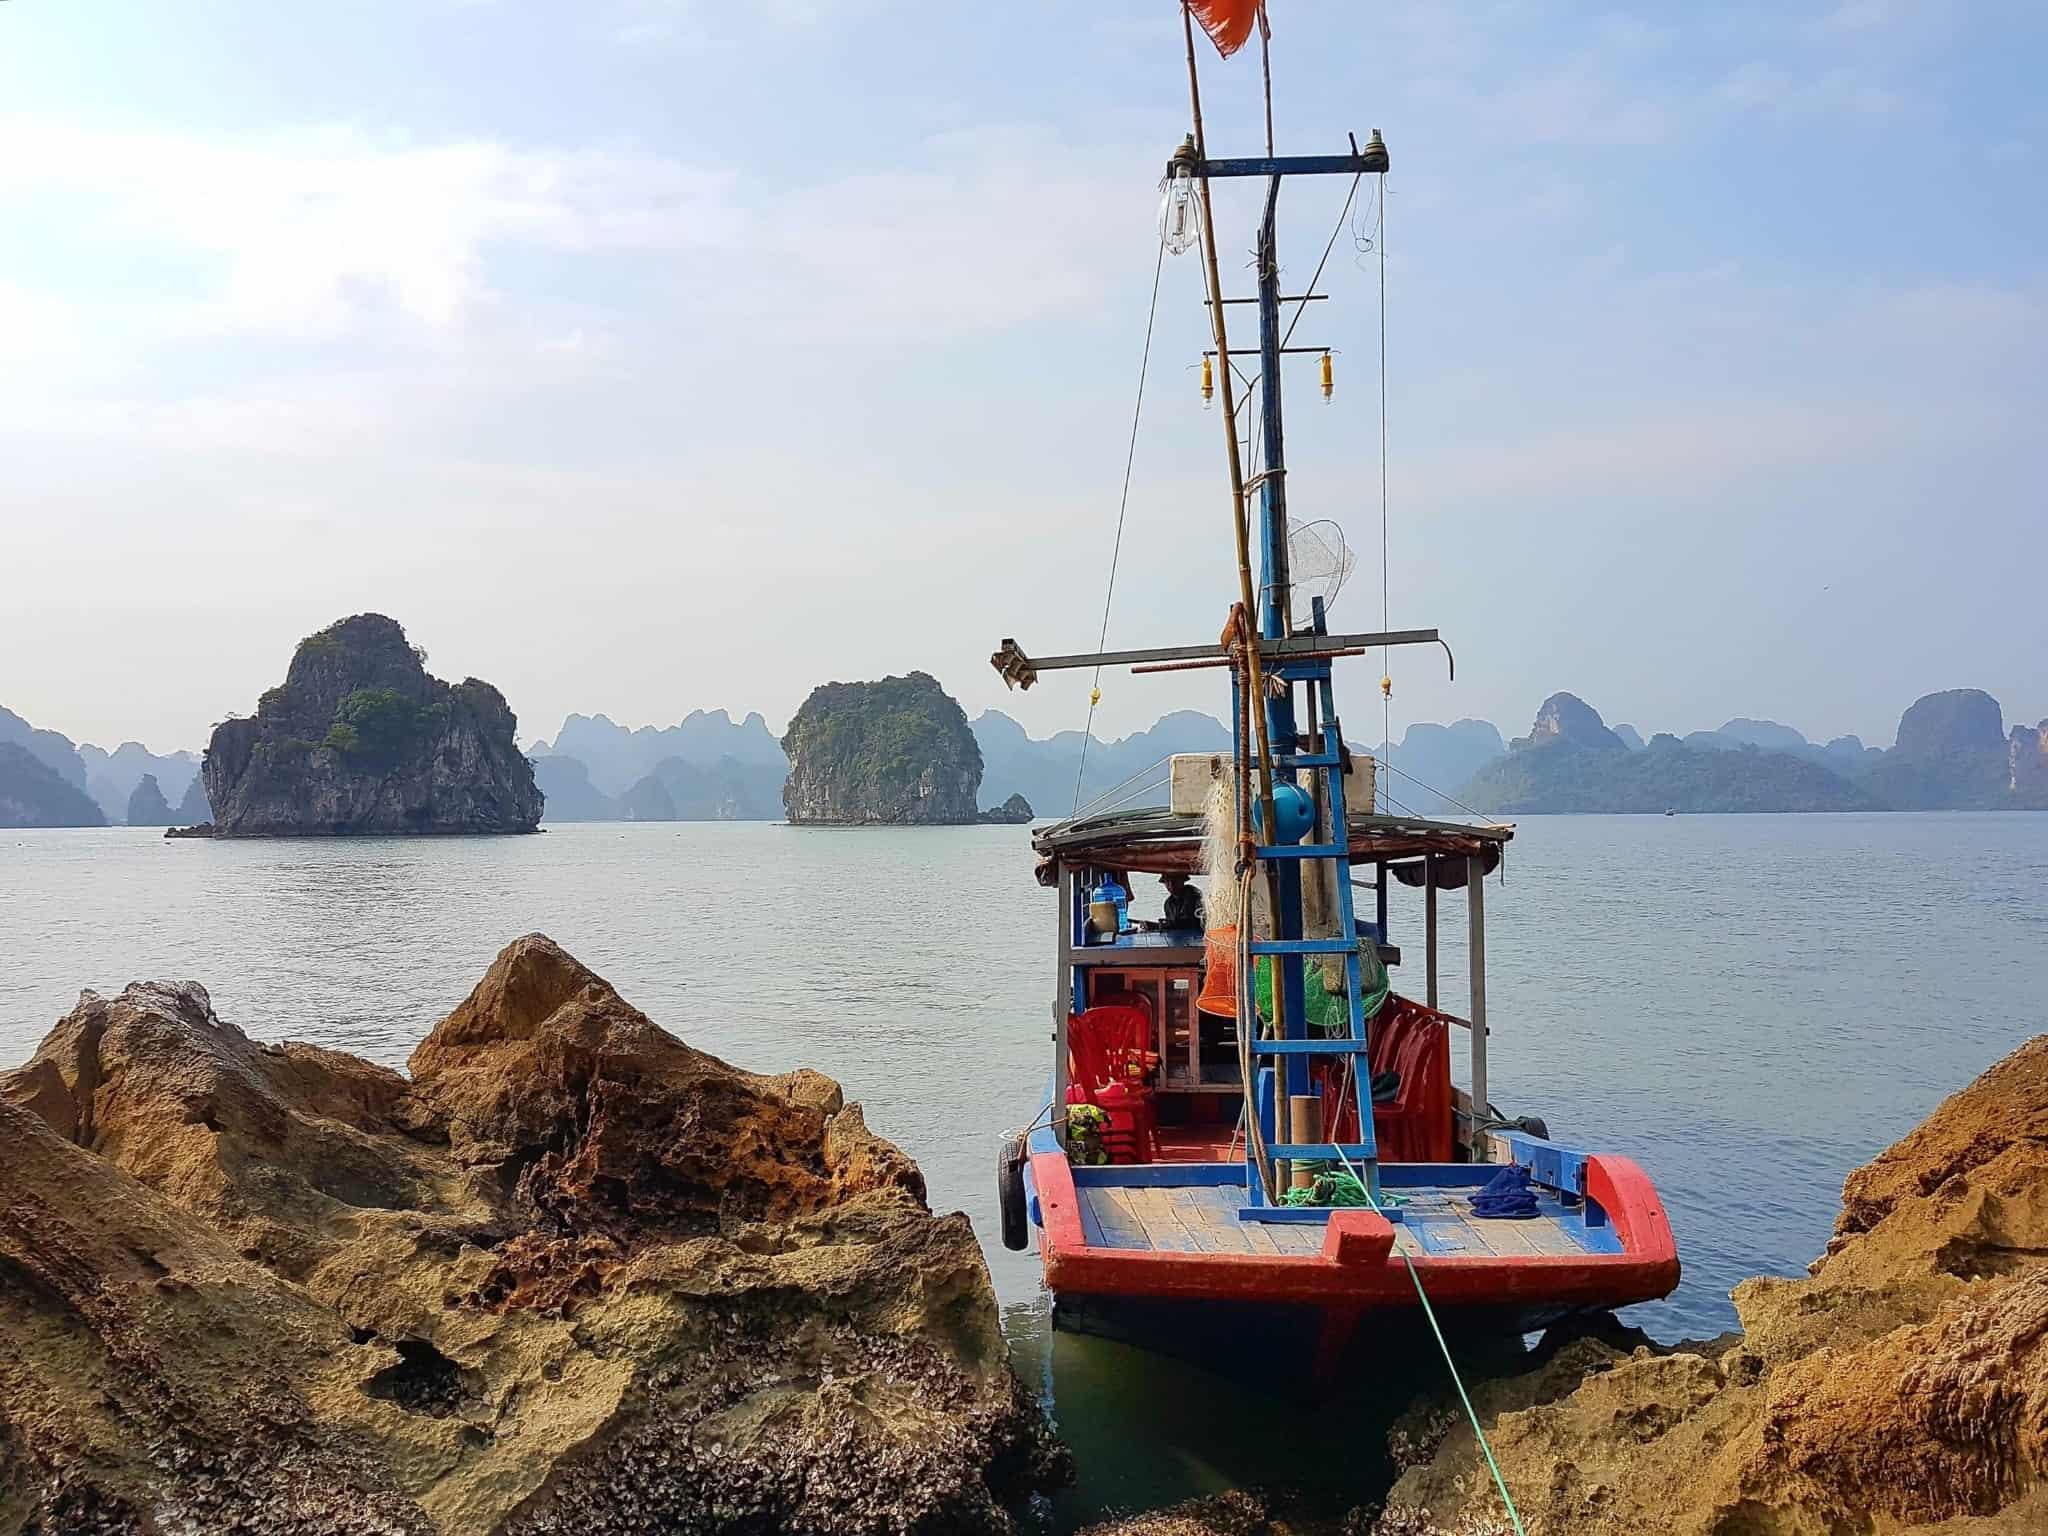 Vietnam, tour en bateau privé dans la baie d'Halong ⛵ 18